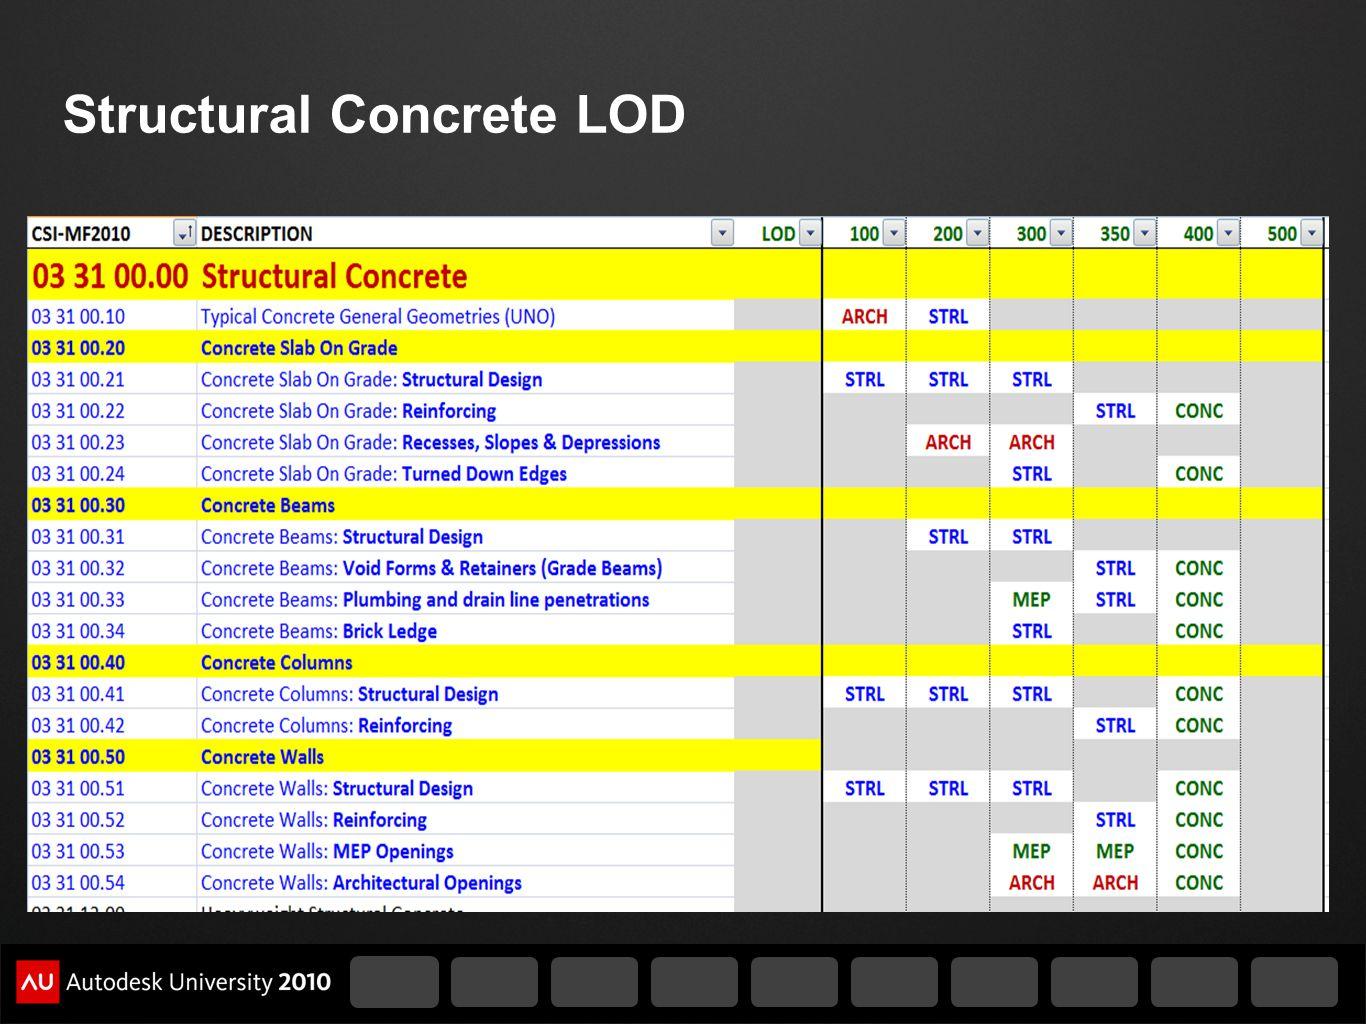 Structural Concrete LOD